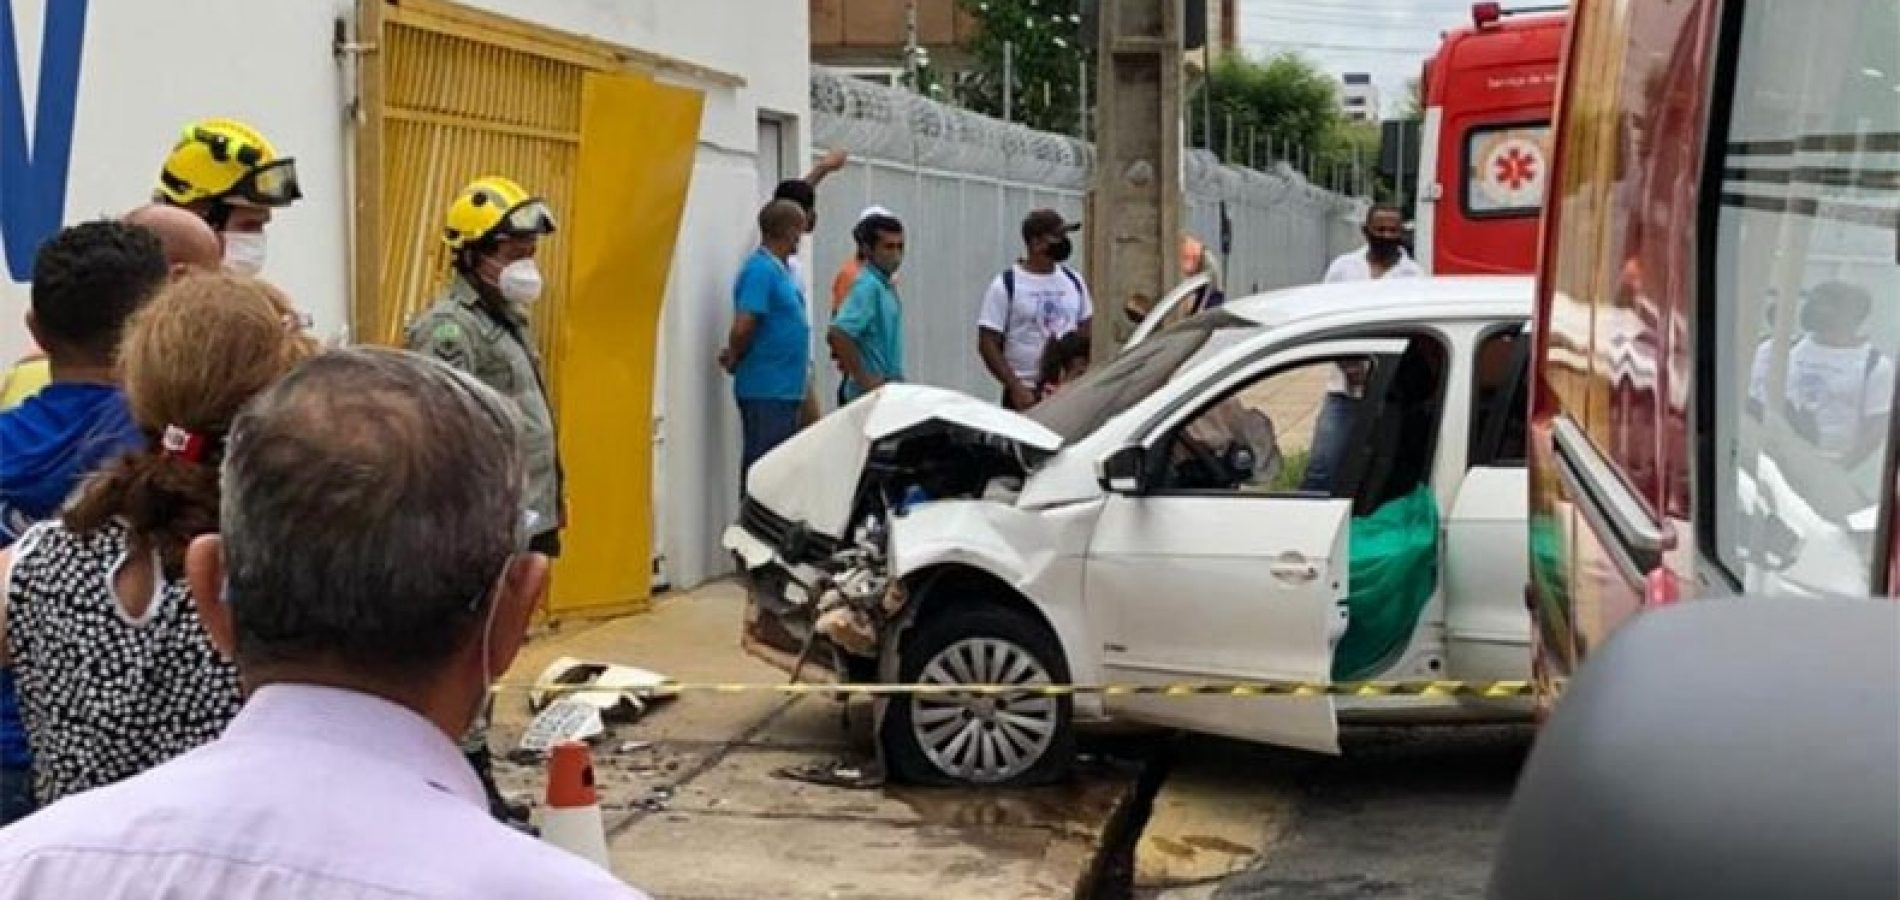 Condutor morre dentro de carro no Piauí; suspeita de mal súbito